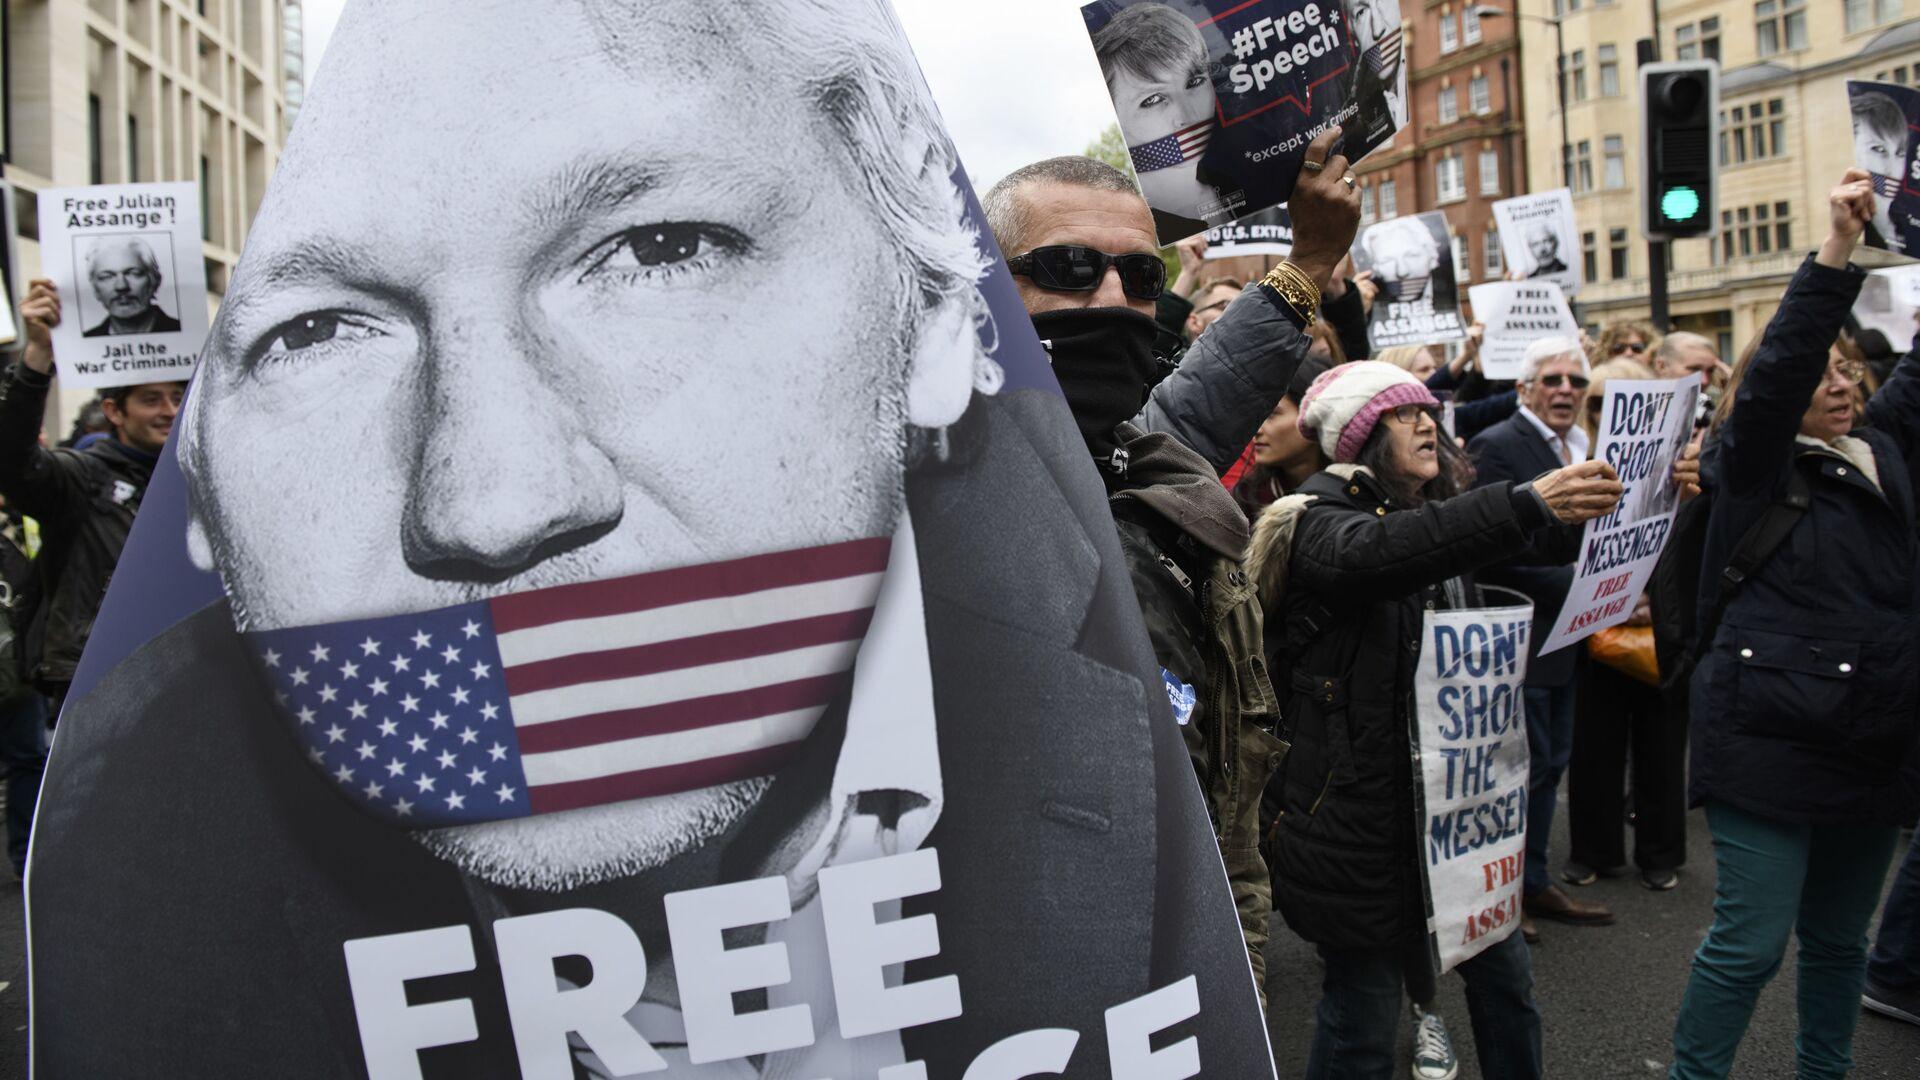 Akcja zwolenników Juliana Assange'a w Londynie - Sputnik Polska, 1920, 24.06.2021